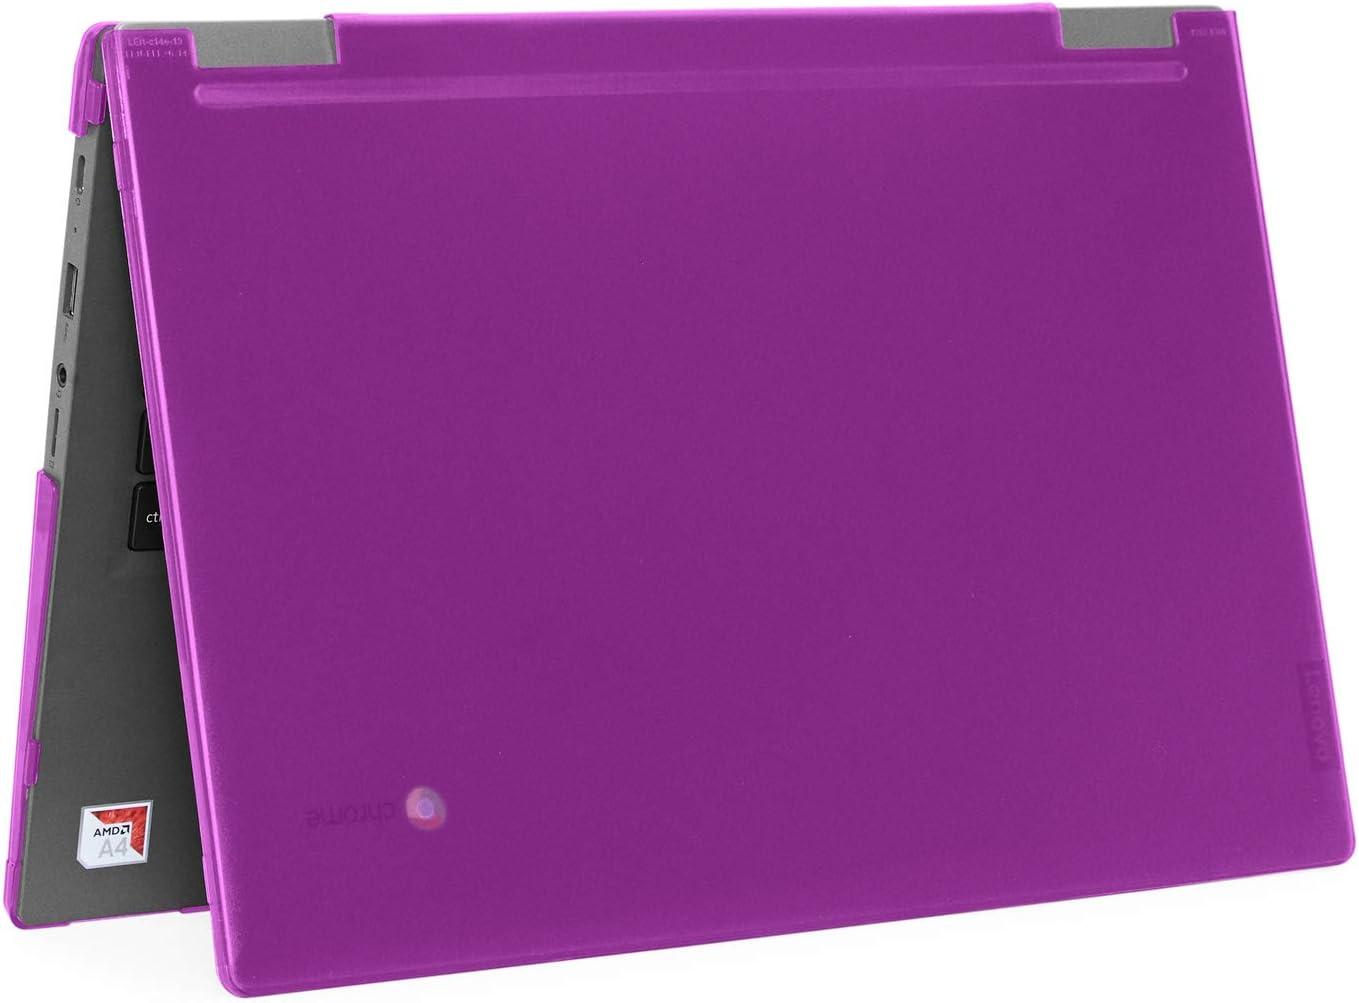 """mCover Hard Shell Case for 2019 14"""" Lenovo 14e Series Chromebook Laptop (NOT Fitting Older 14"""" Lenovo N42 / S330 and 11.6"""" N22 / N23 / N24, etc Chromebook) (LEN-C14e Purple)"""